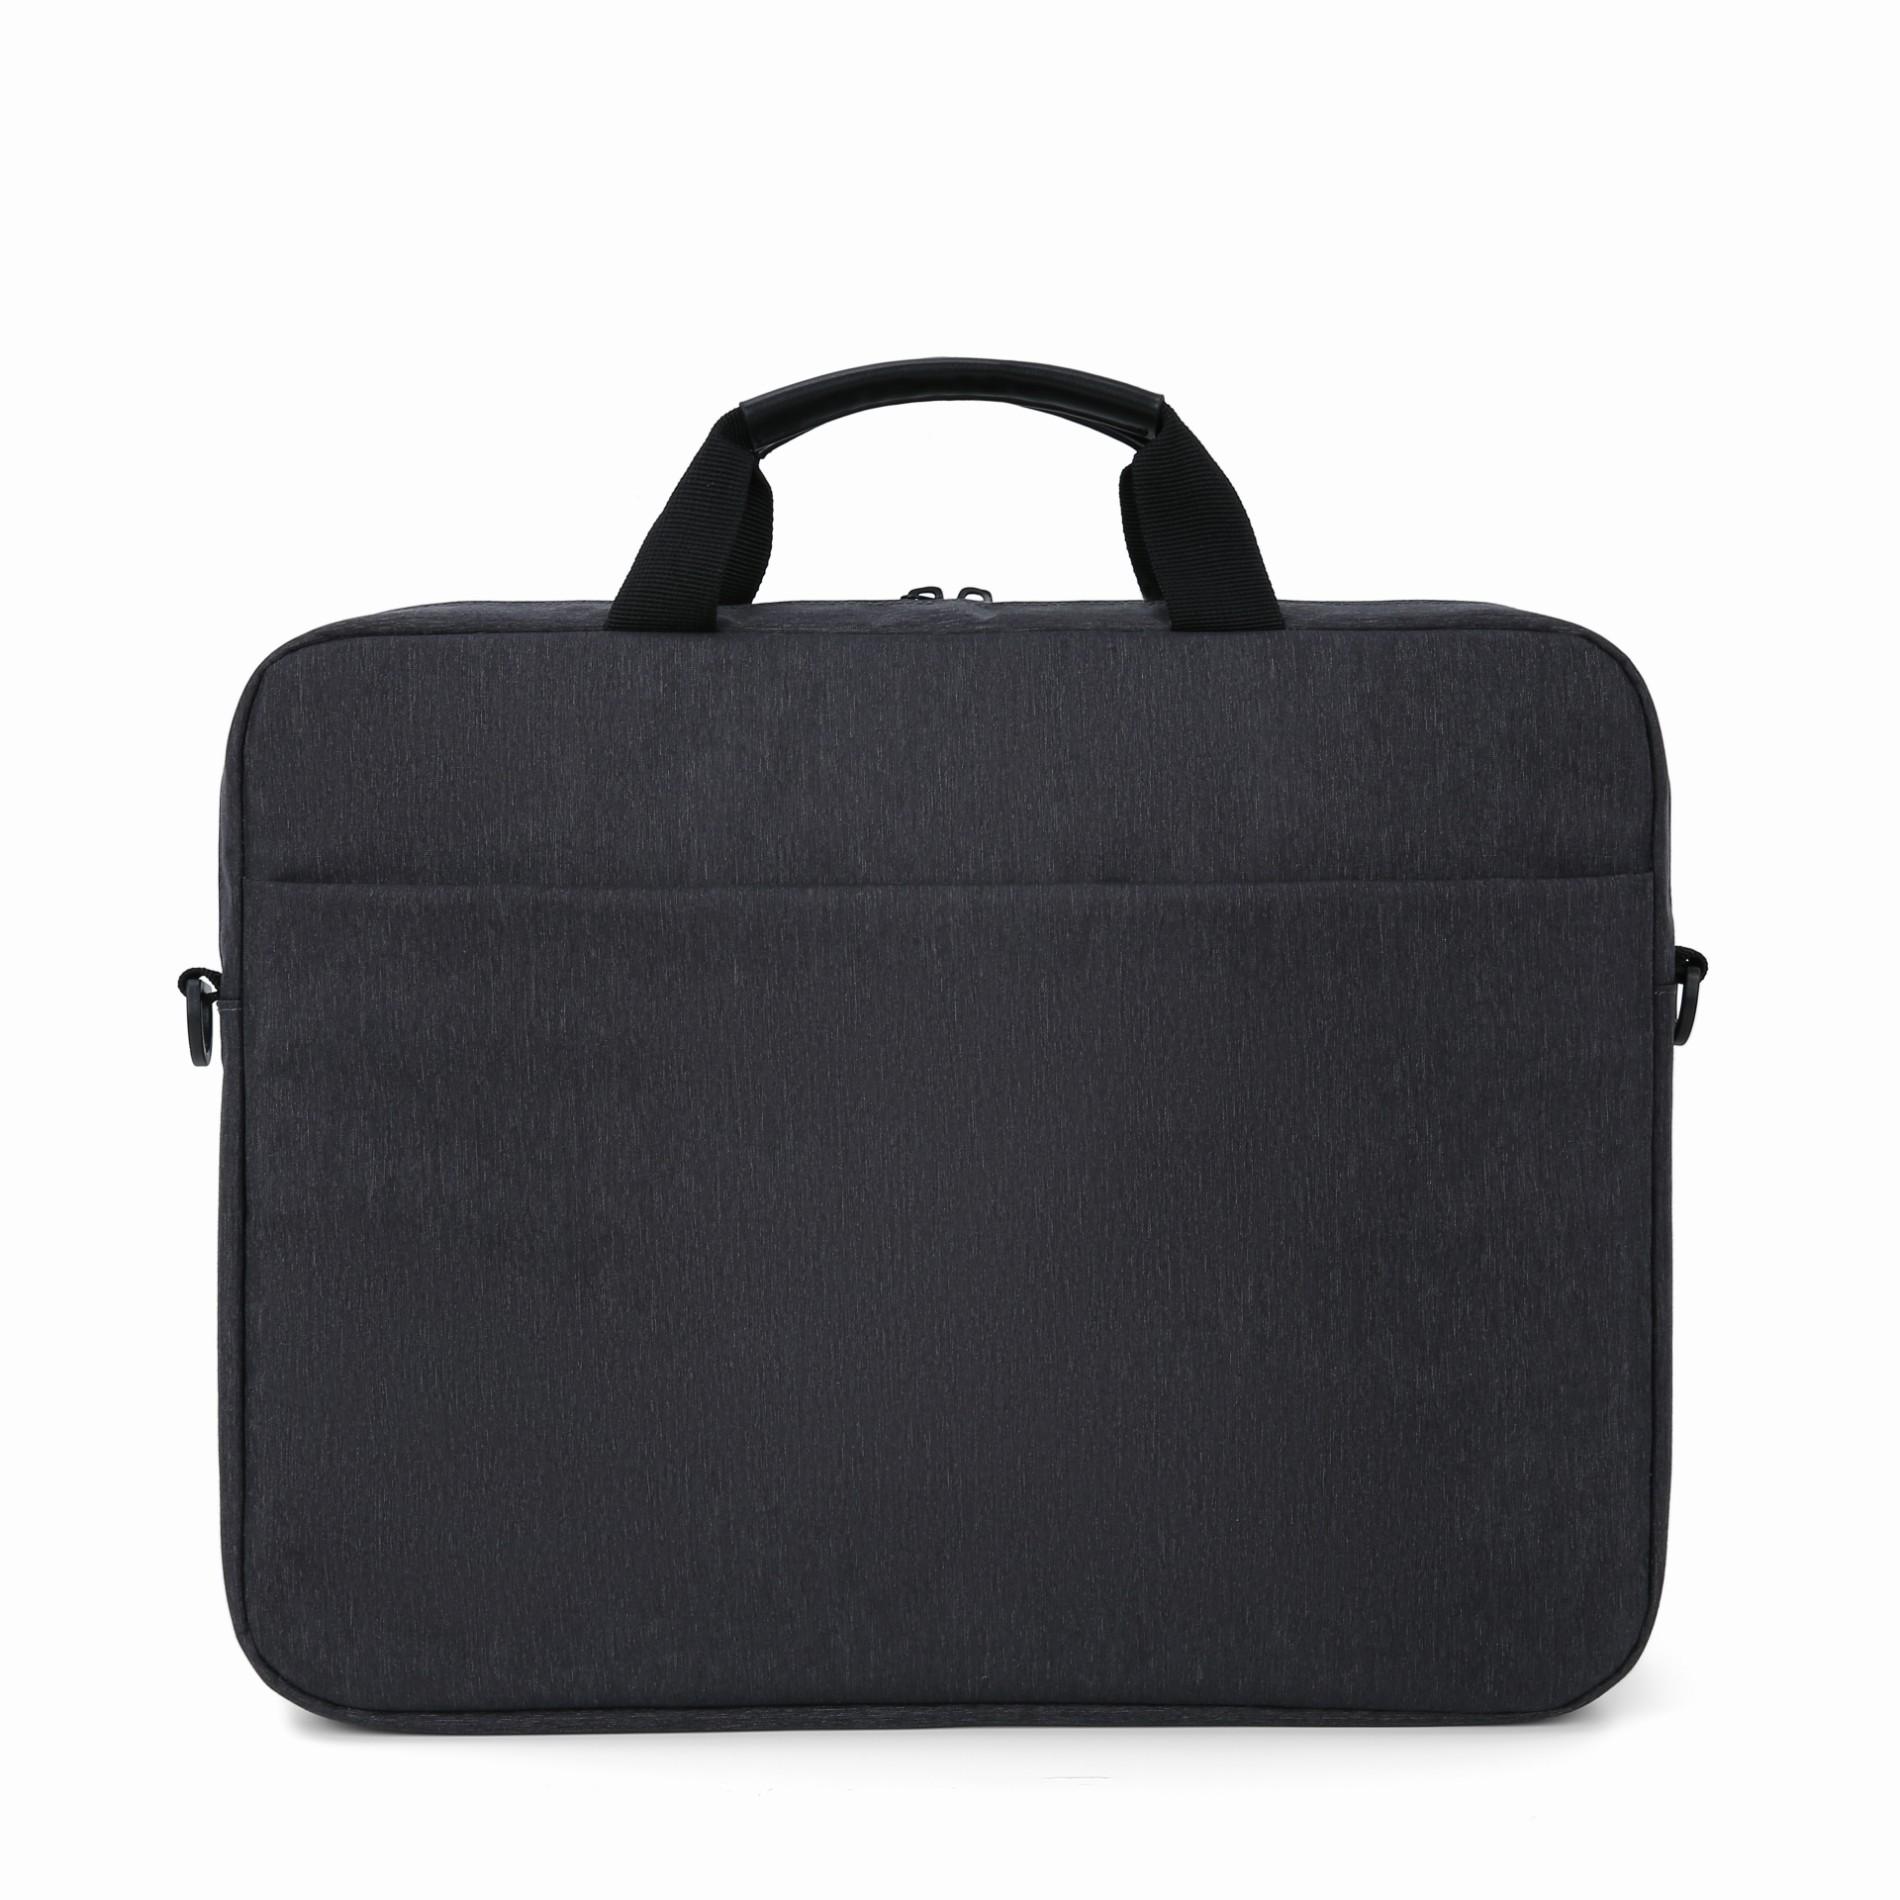 Kaufen Laptop Tasche;Laptop Tasche Preis;Laptop Tasche Marken;Laptop Tasche Hersteller;Laptop Tasche Zitat;Laptop Tasche Unternehmen